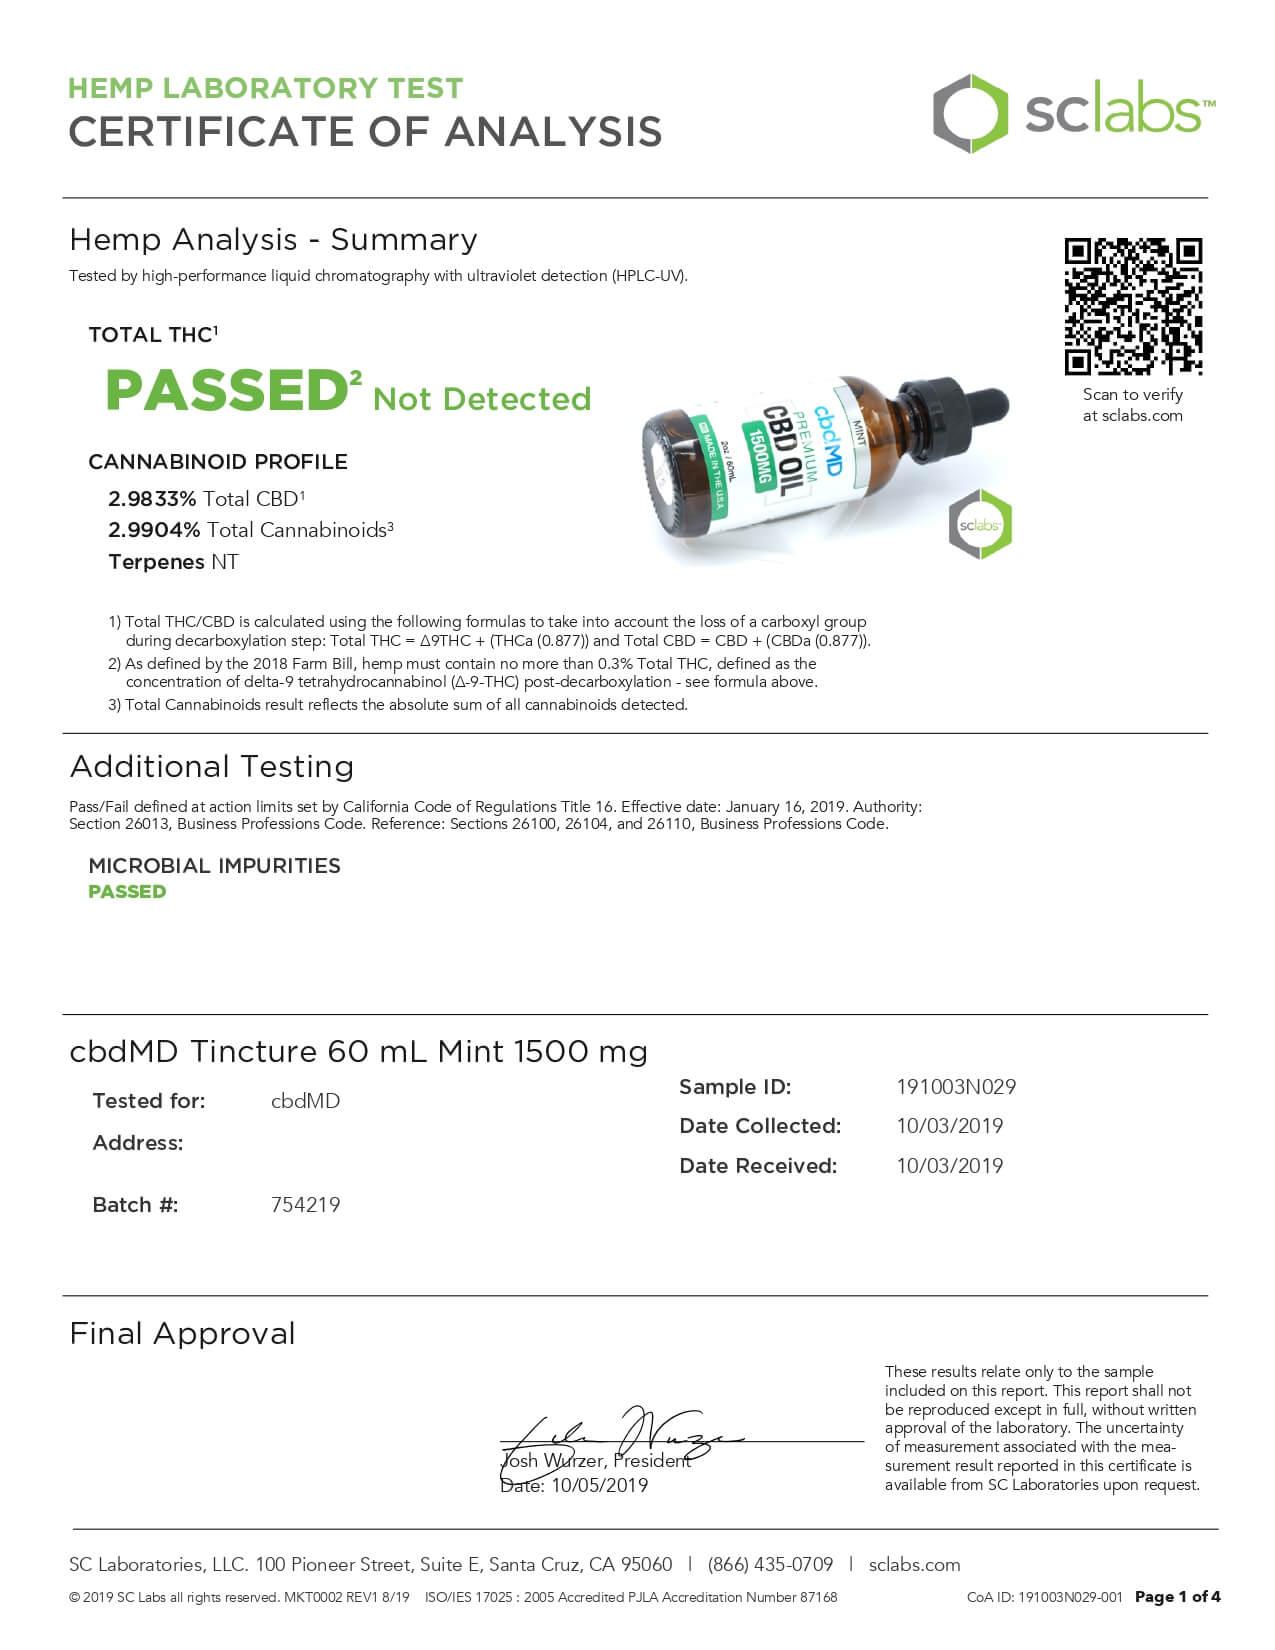 cbdMD CBD Tincture Broad Spectrum Mint 60ml 1500mg Lab Report